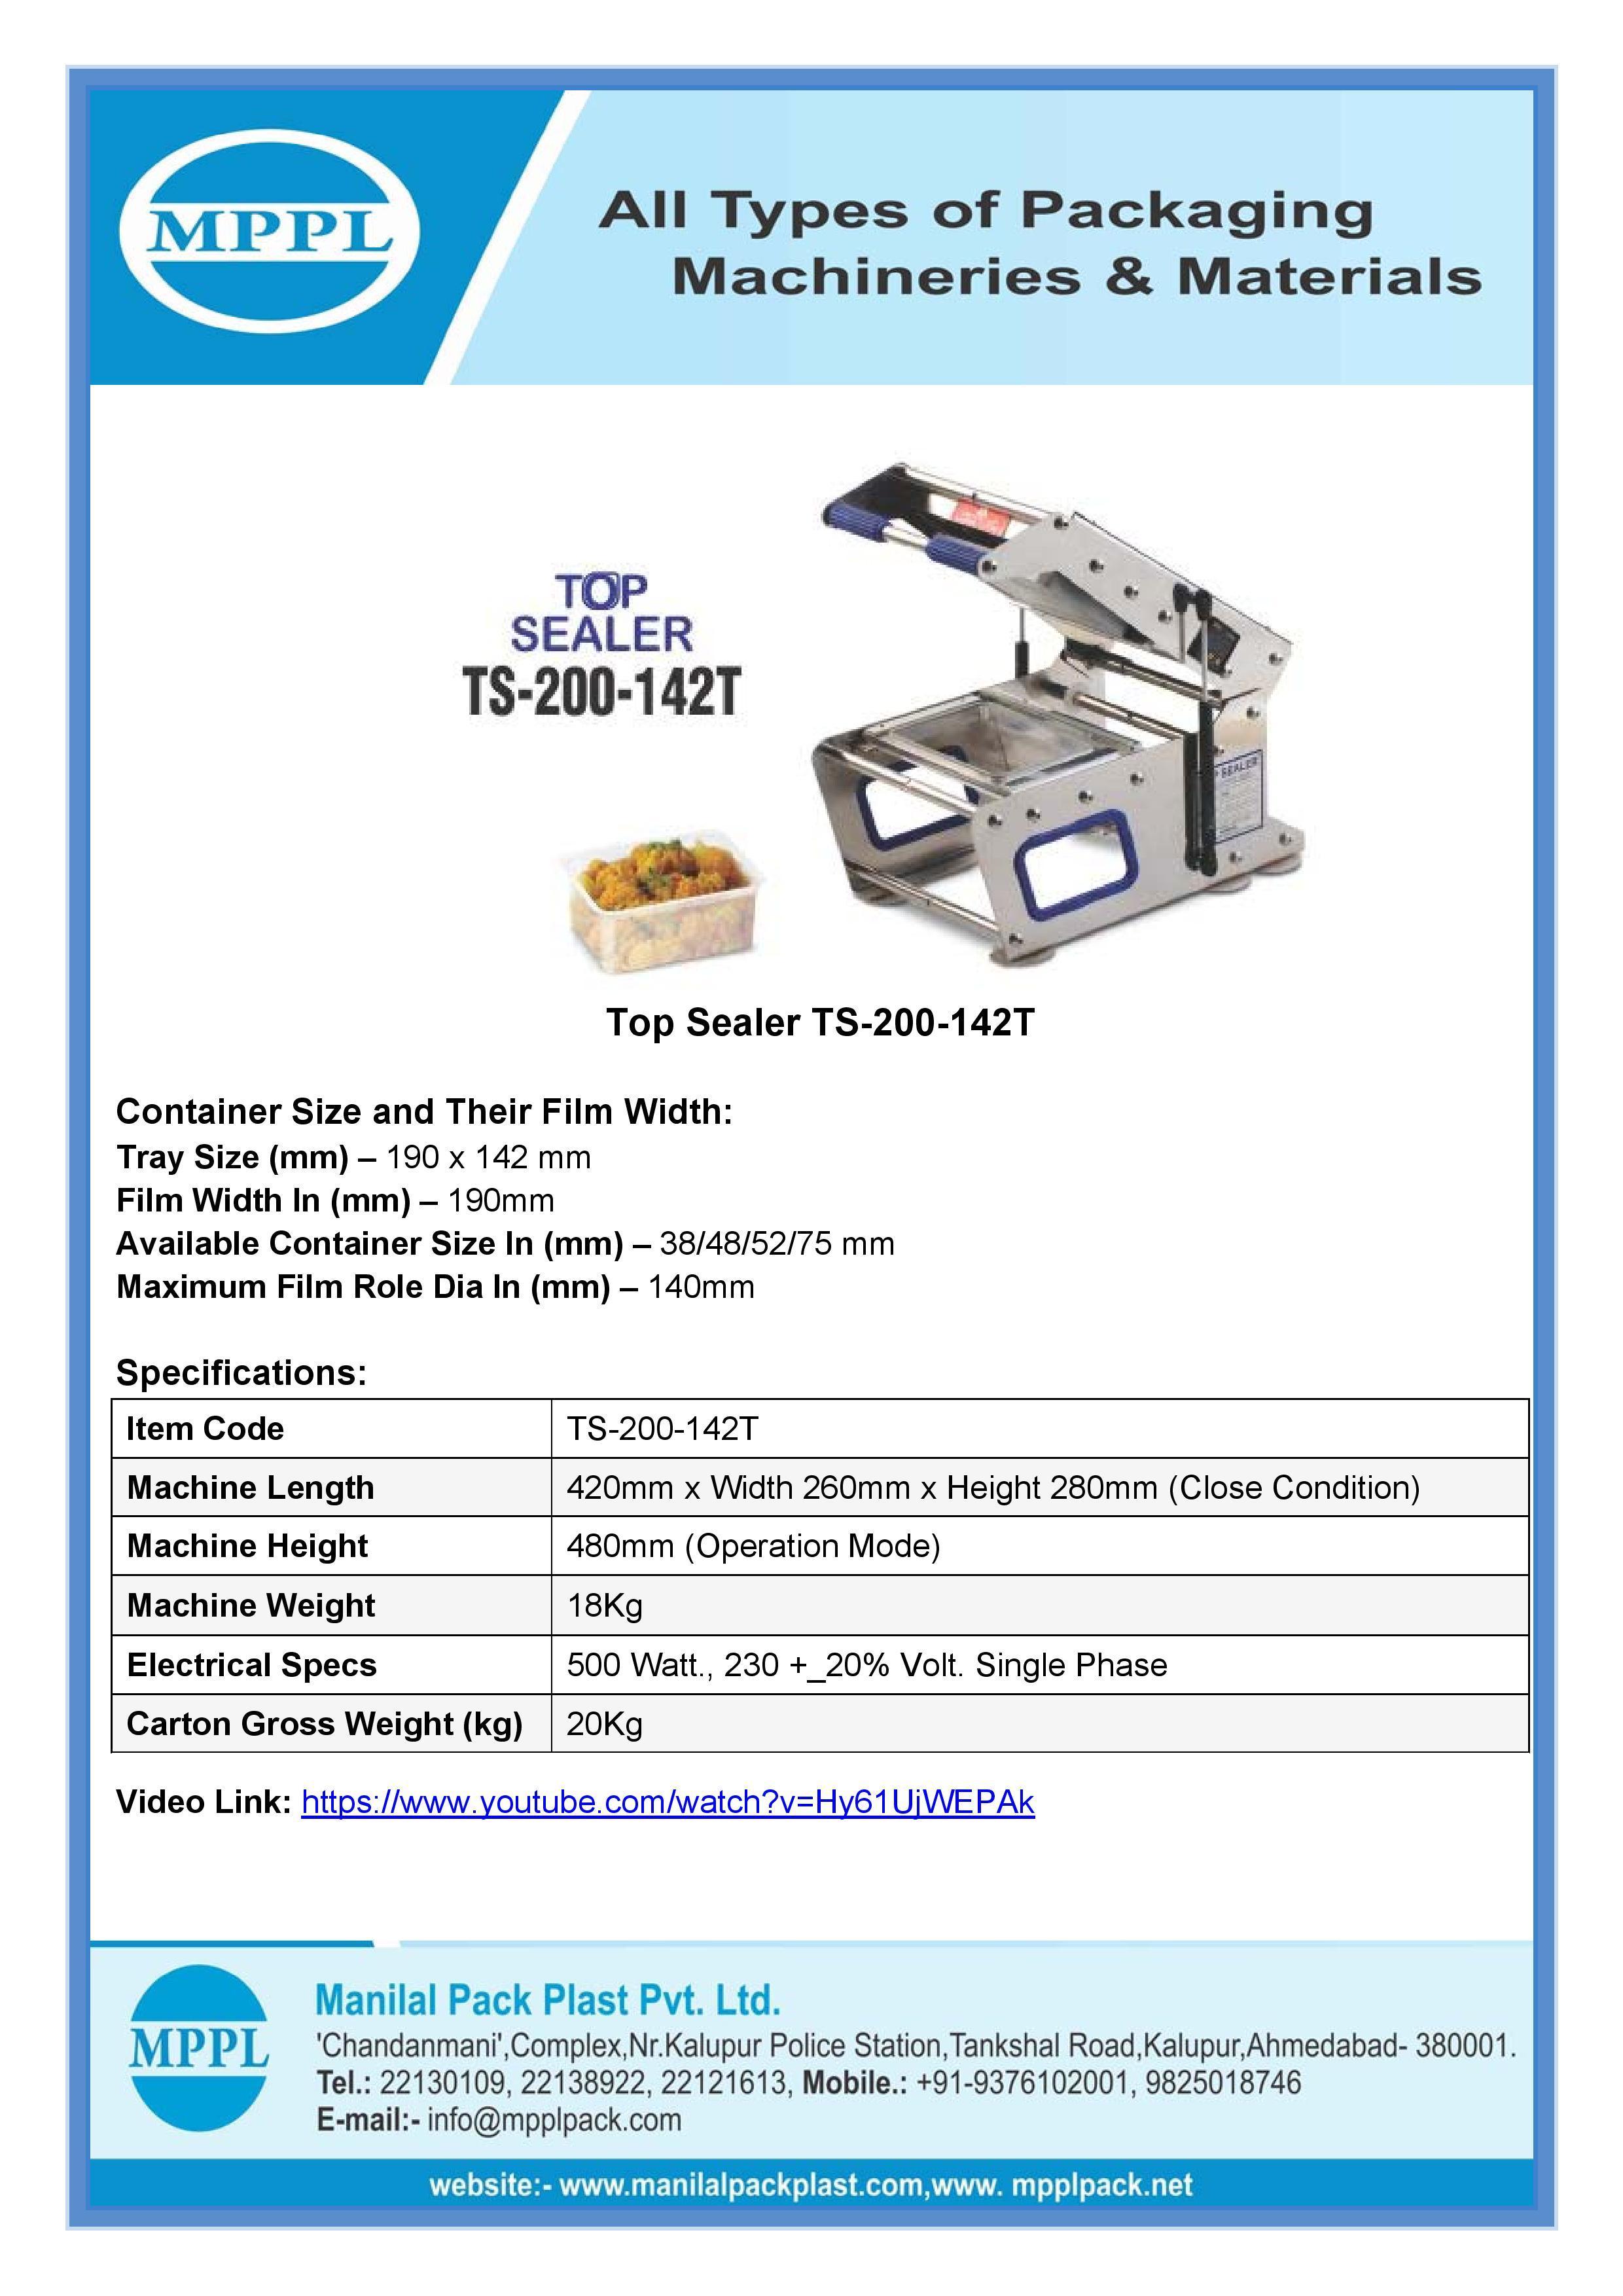 Top Sealer TS-200-142T